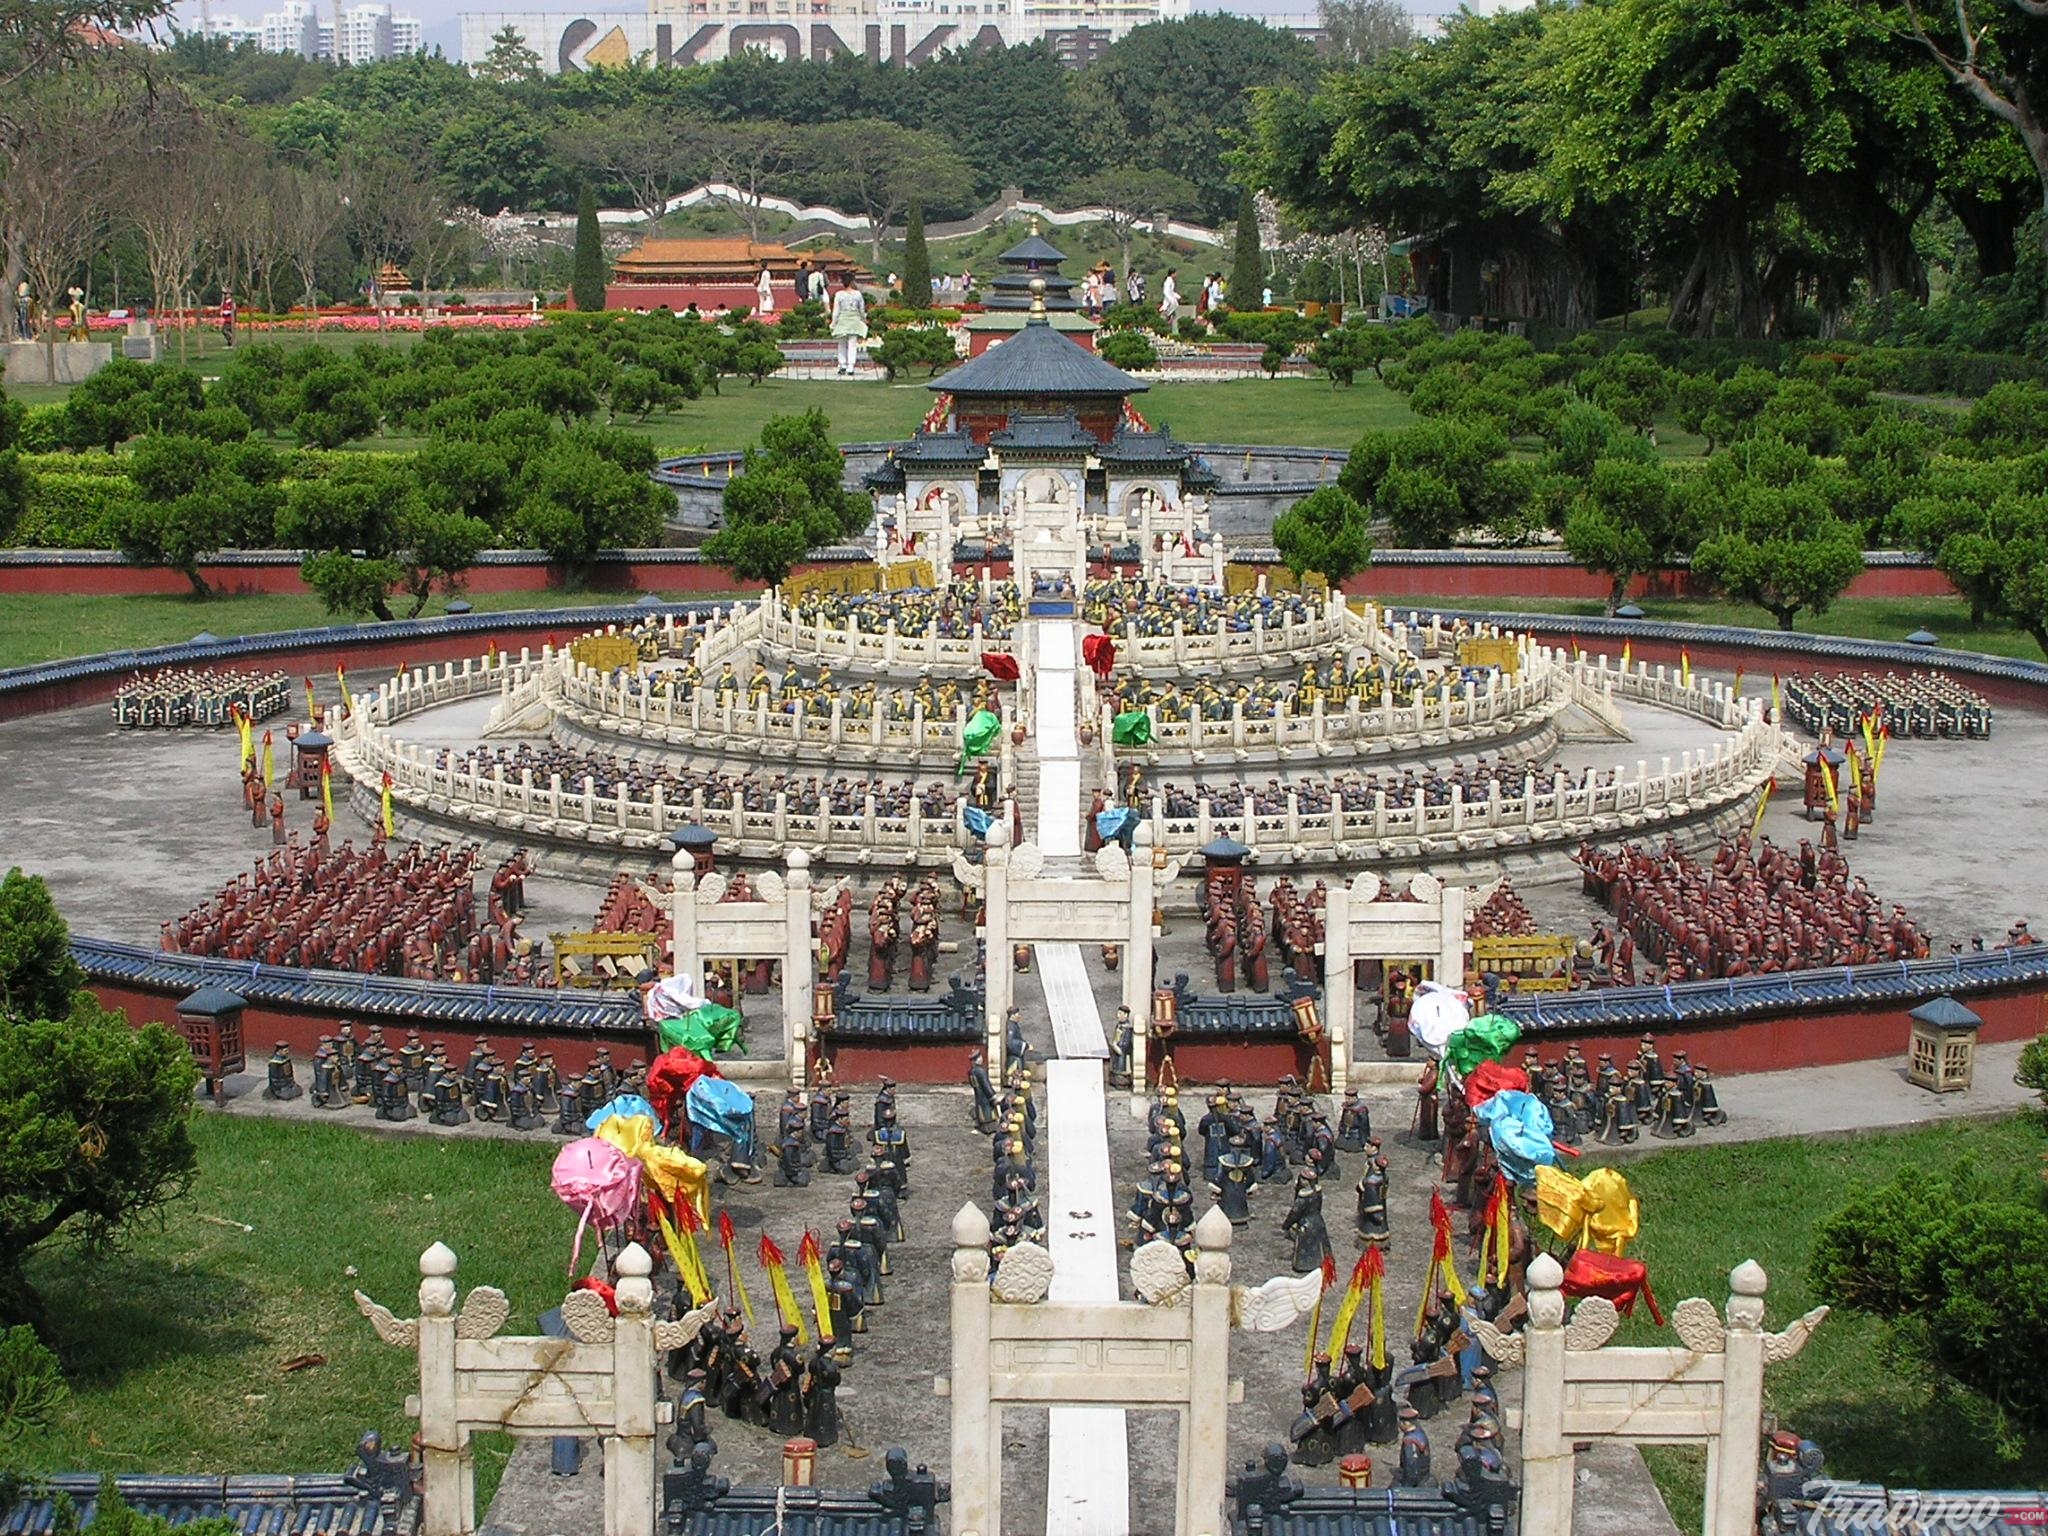 السياحة فى مدينة شينزين فى الصين